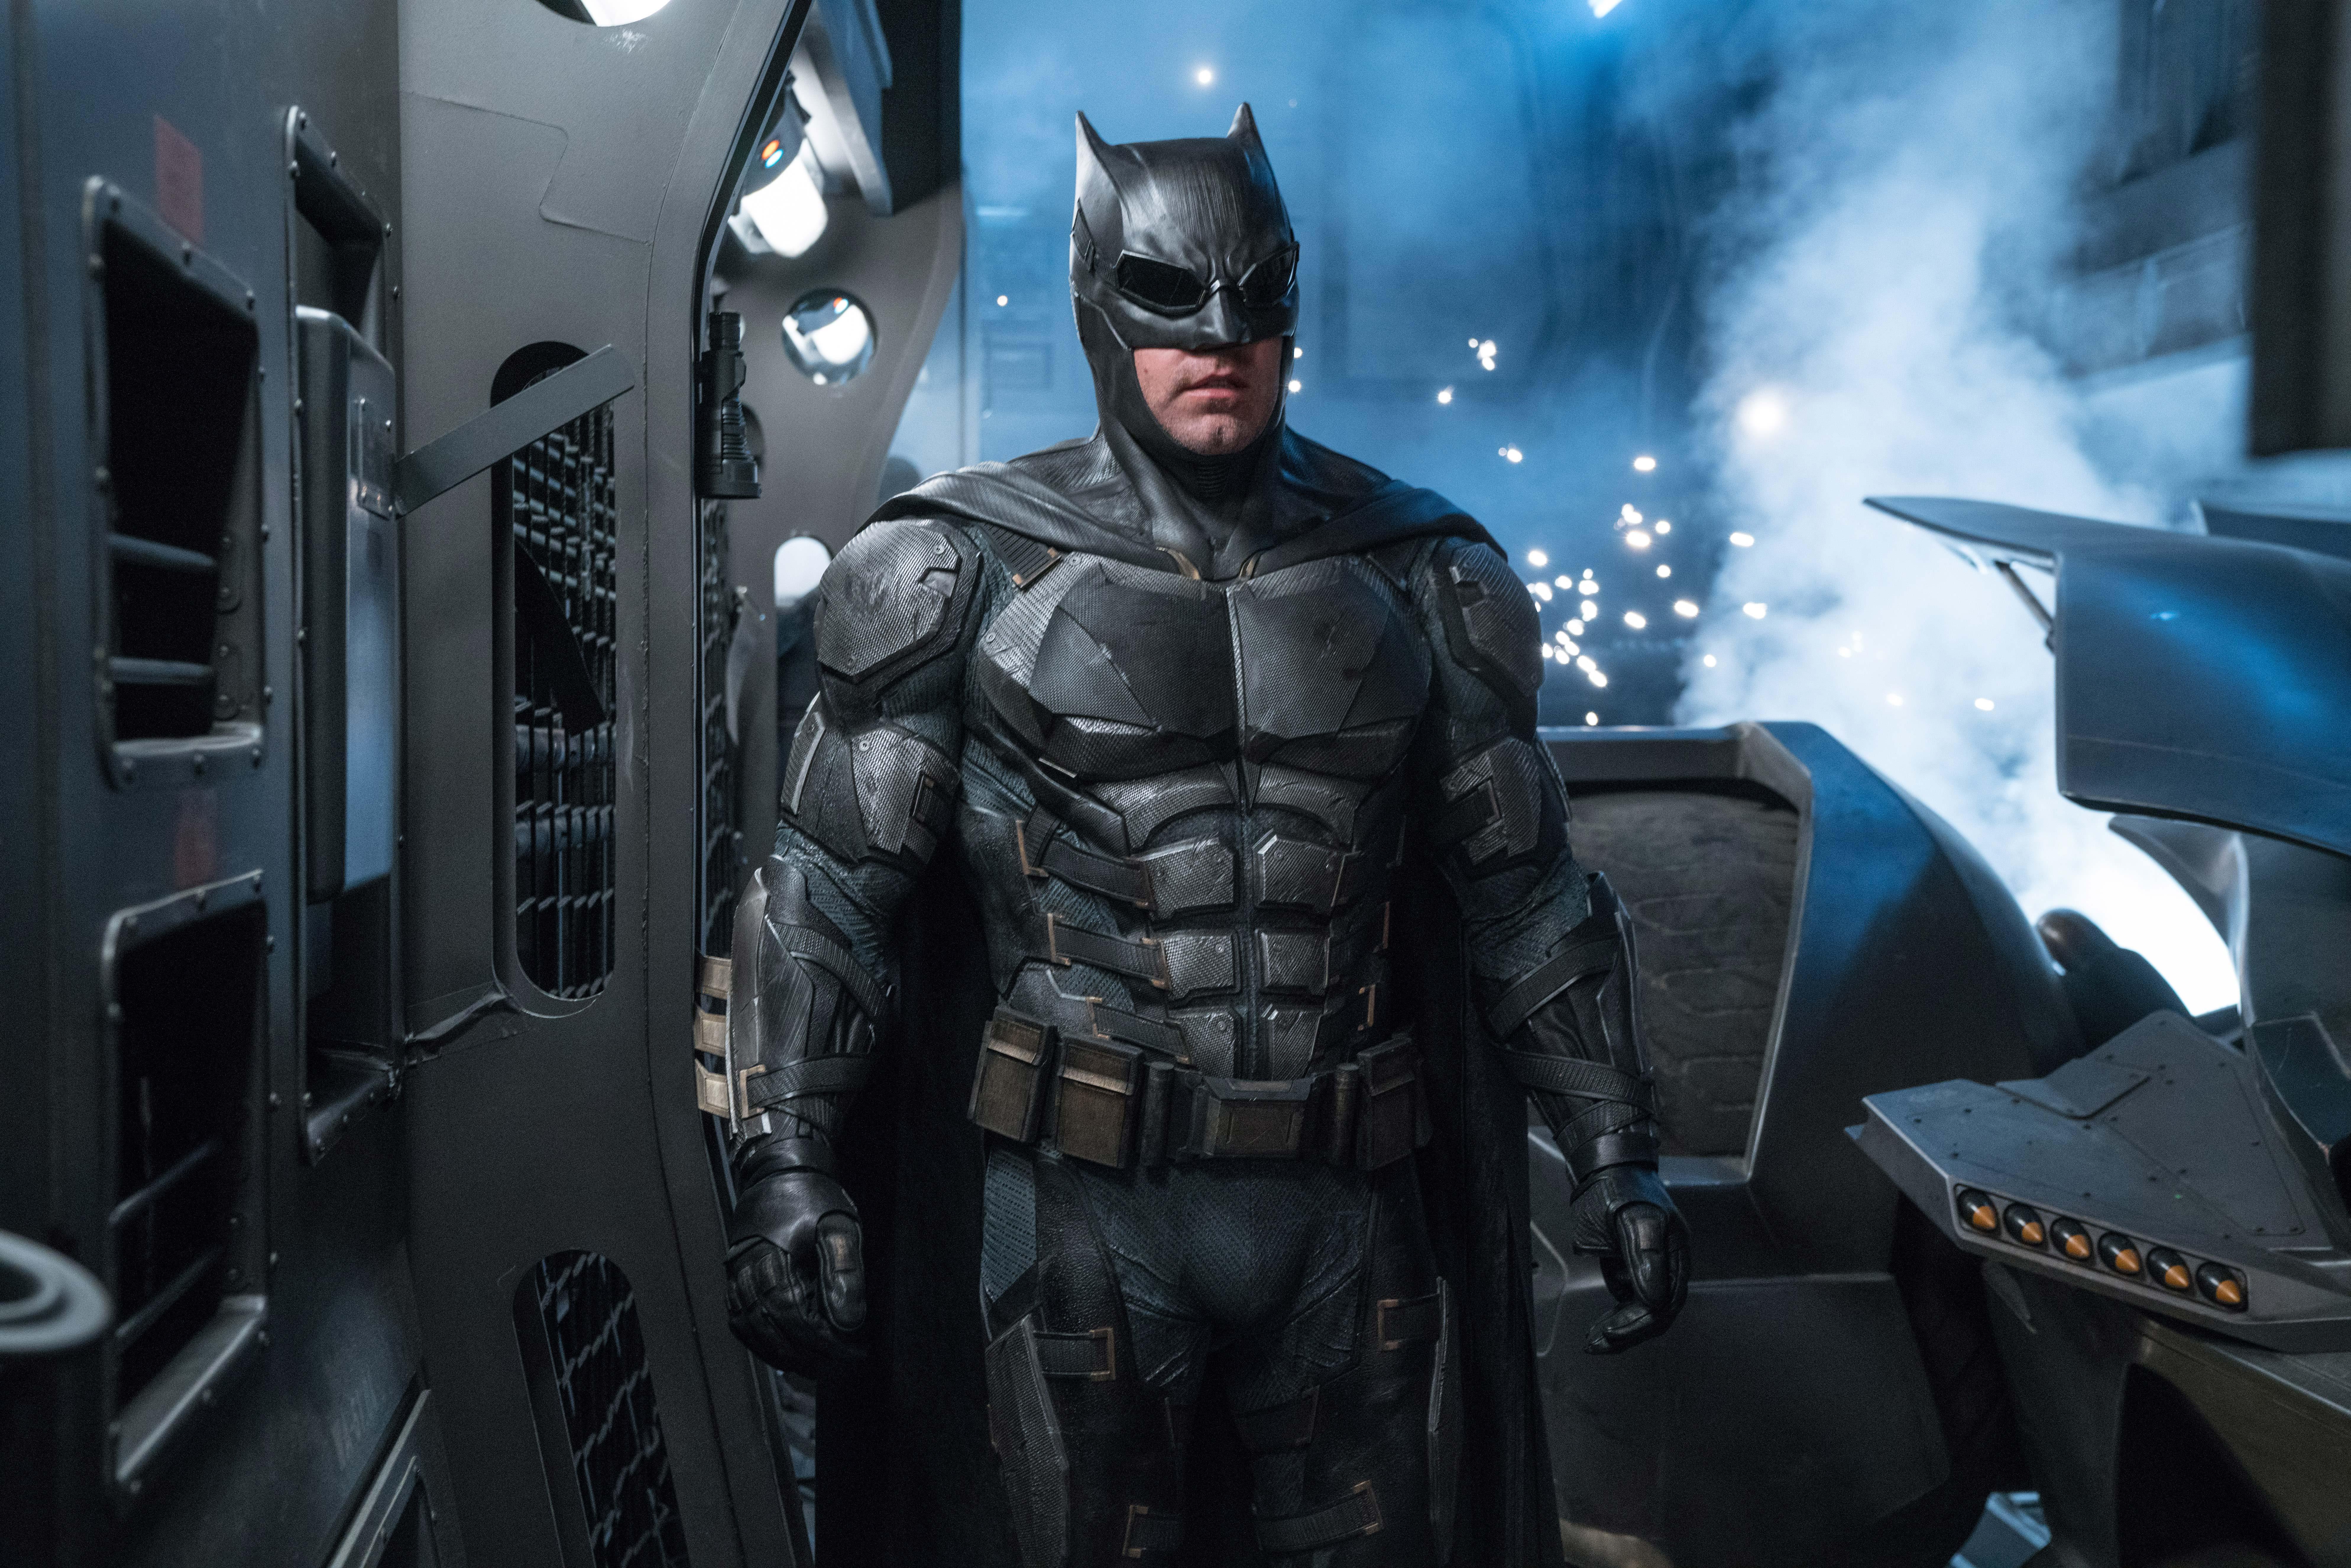 Ben affleck as batman in justice league 8k hd movies 4k - Ben affleck batman wallpaper ...